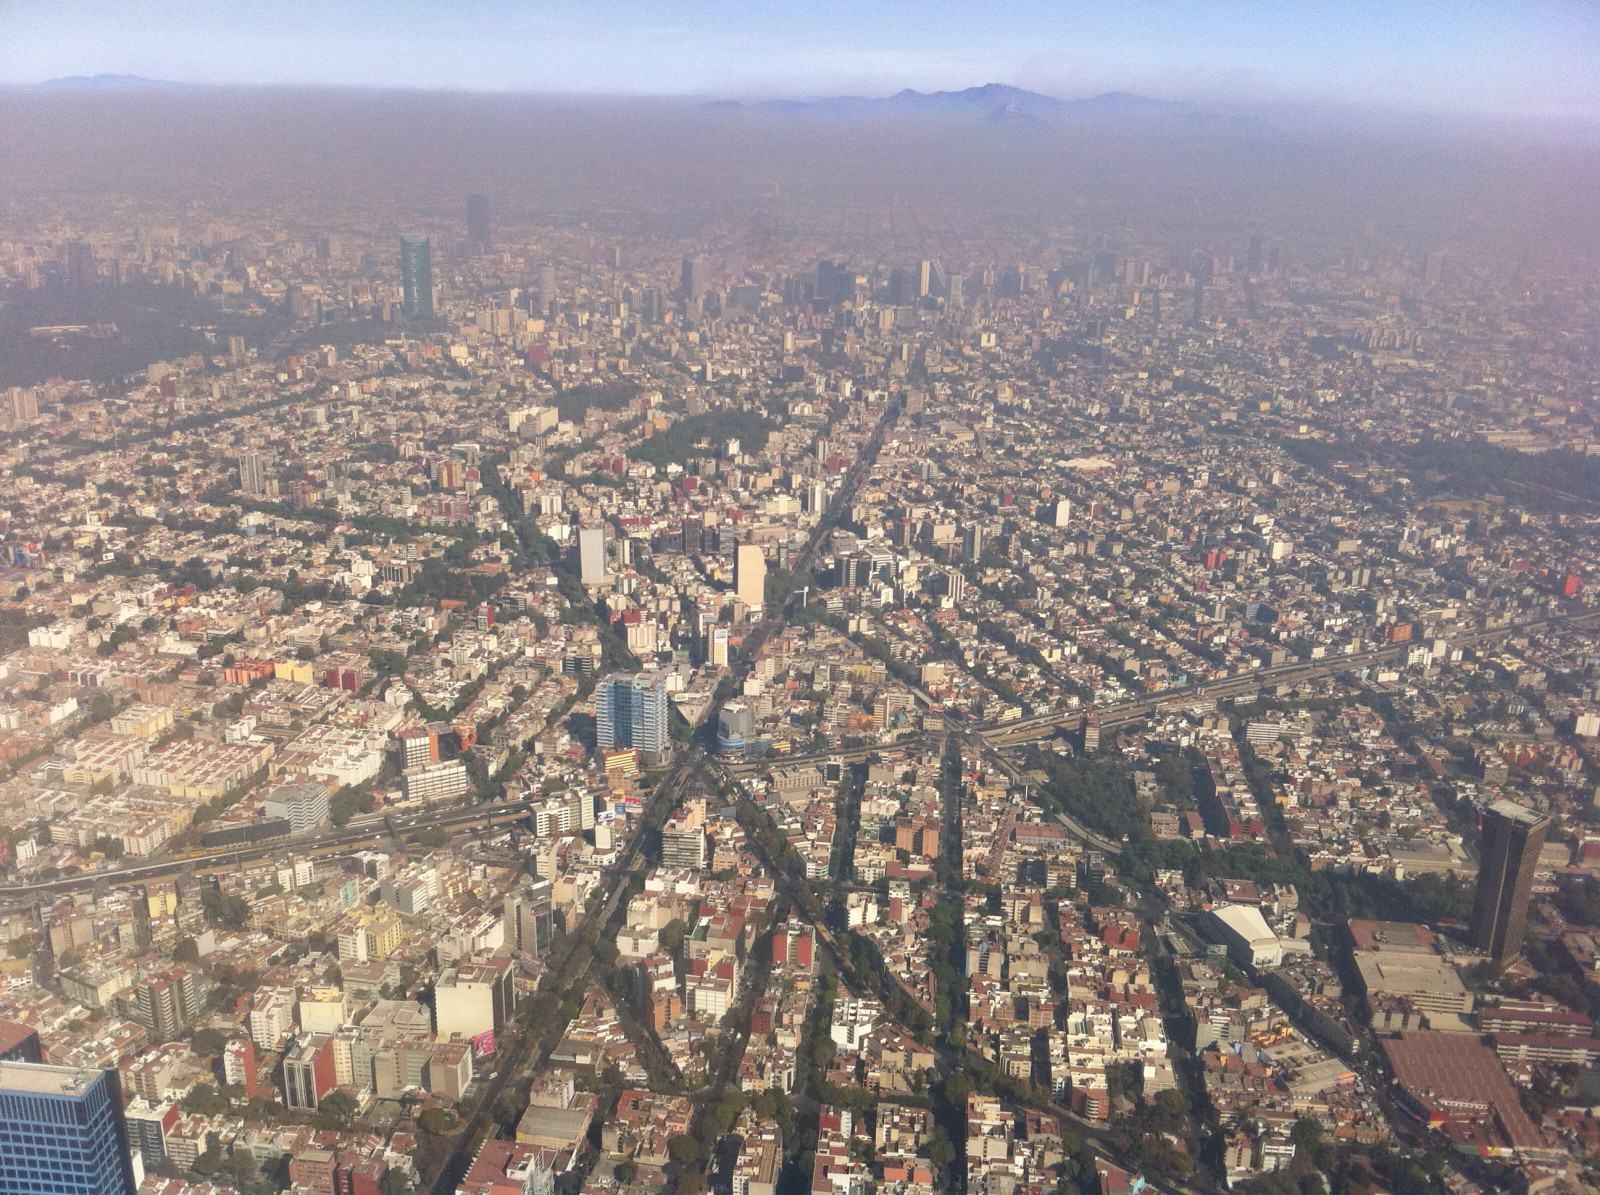 Meksyk | fot. Fidel Gonzalez | lic. CC-BY-SA-3.0